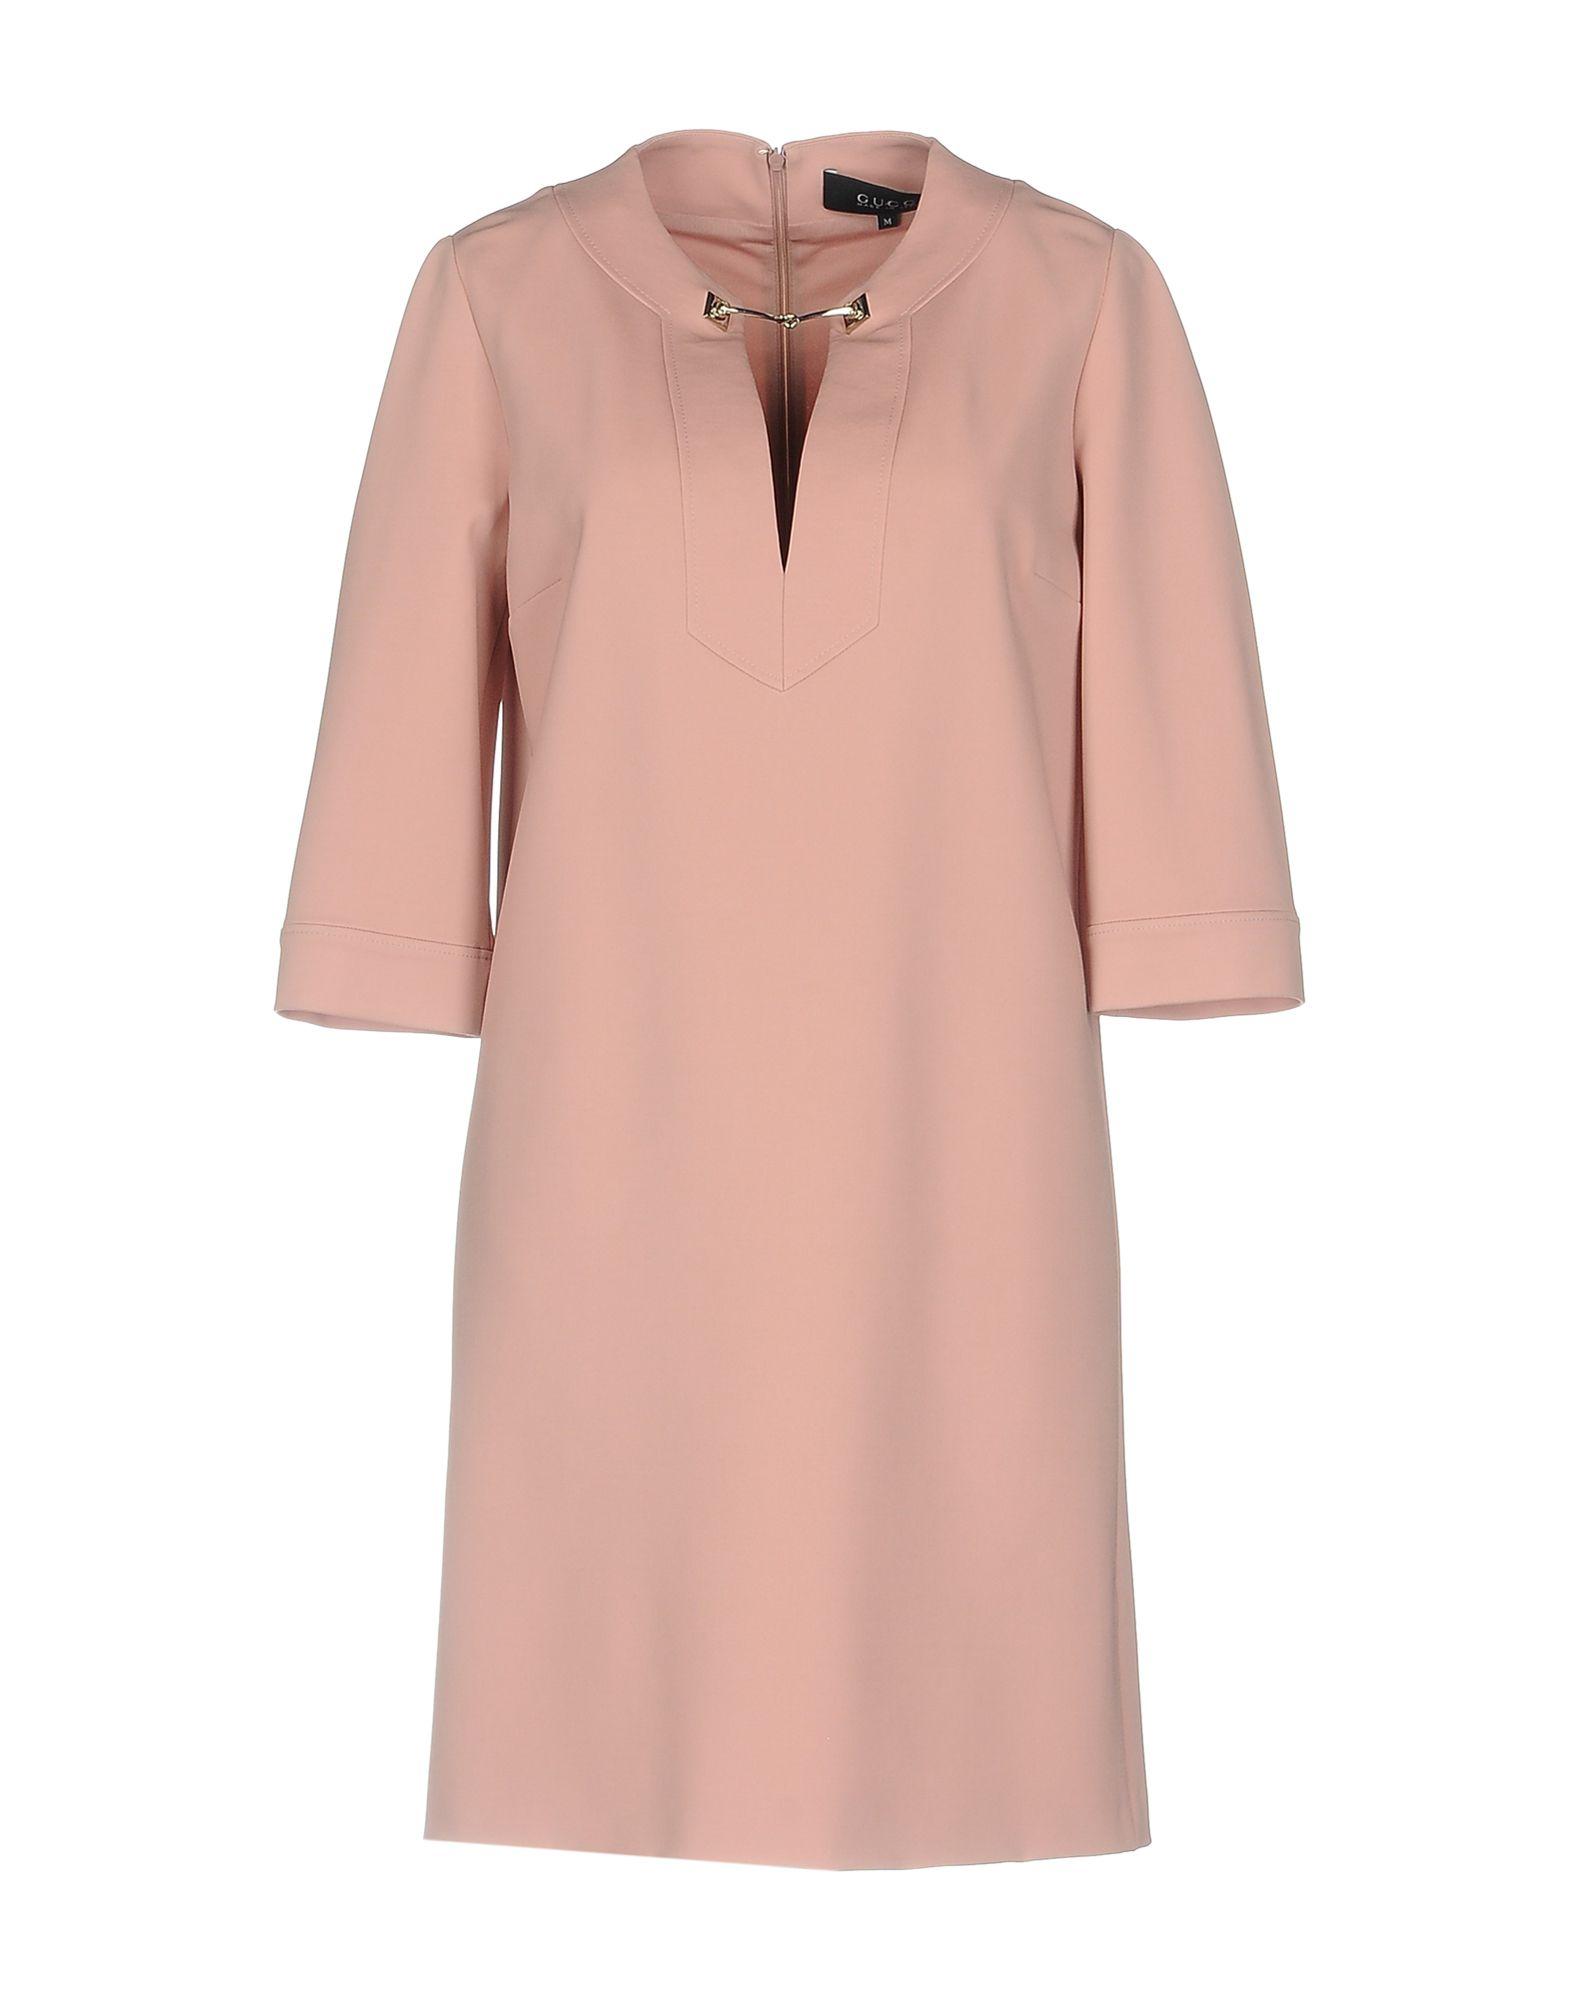 GUCCI Damen Kurzes Kleid Farbe Rosa Größe 5